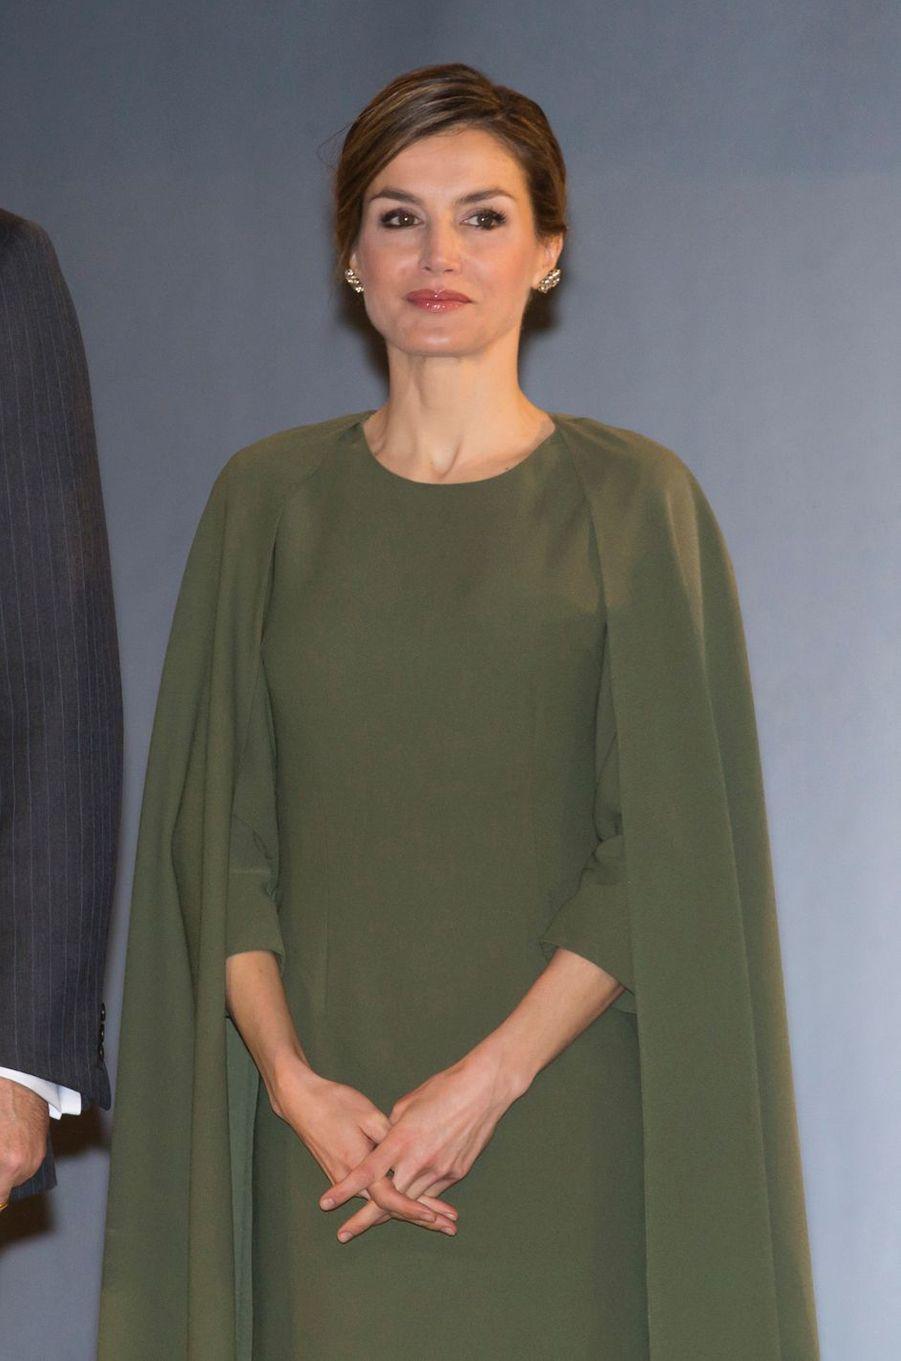 La reine Letizia d'Espagne le 6 février 2017